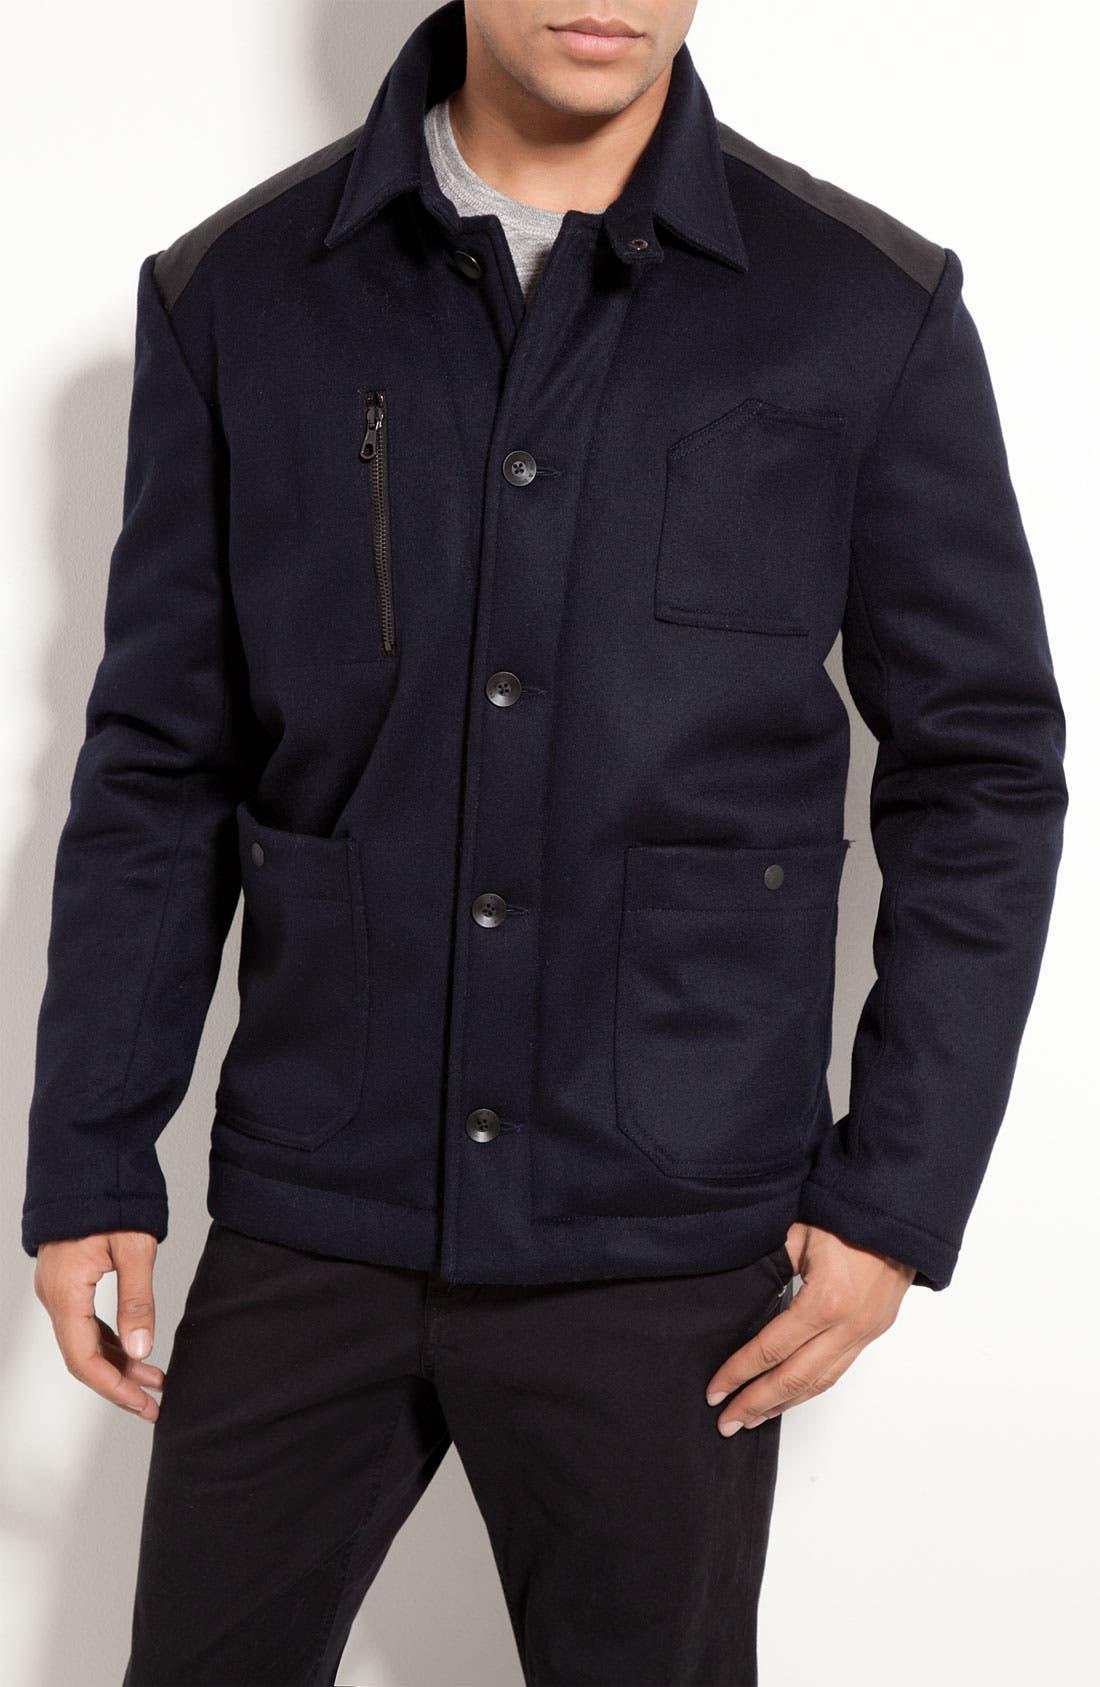 Main Image - rag & bone 'Dover' Jacket